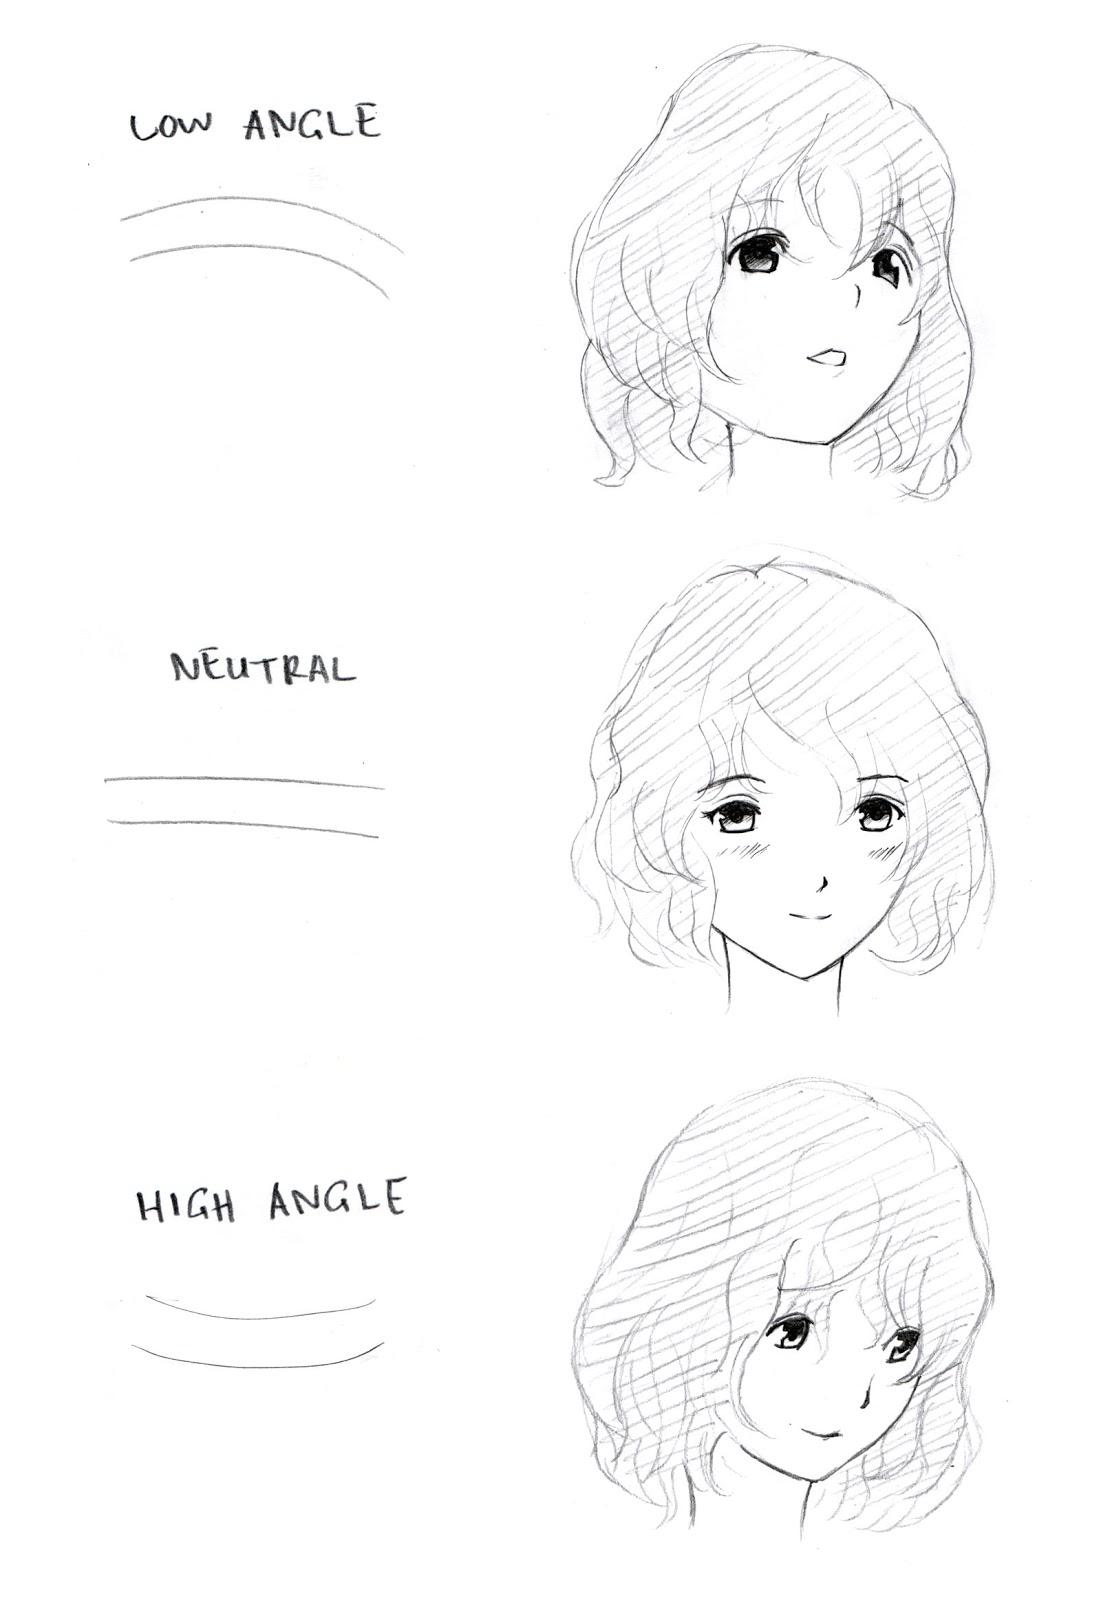 Les Services De La Poste Pour Les Particuliers Envoi Et Suivi De Courrier Et De Colis Achats En Ligne Tari Face Angles Manga Drawing Tutorials Art Sketches